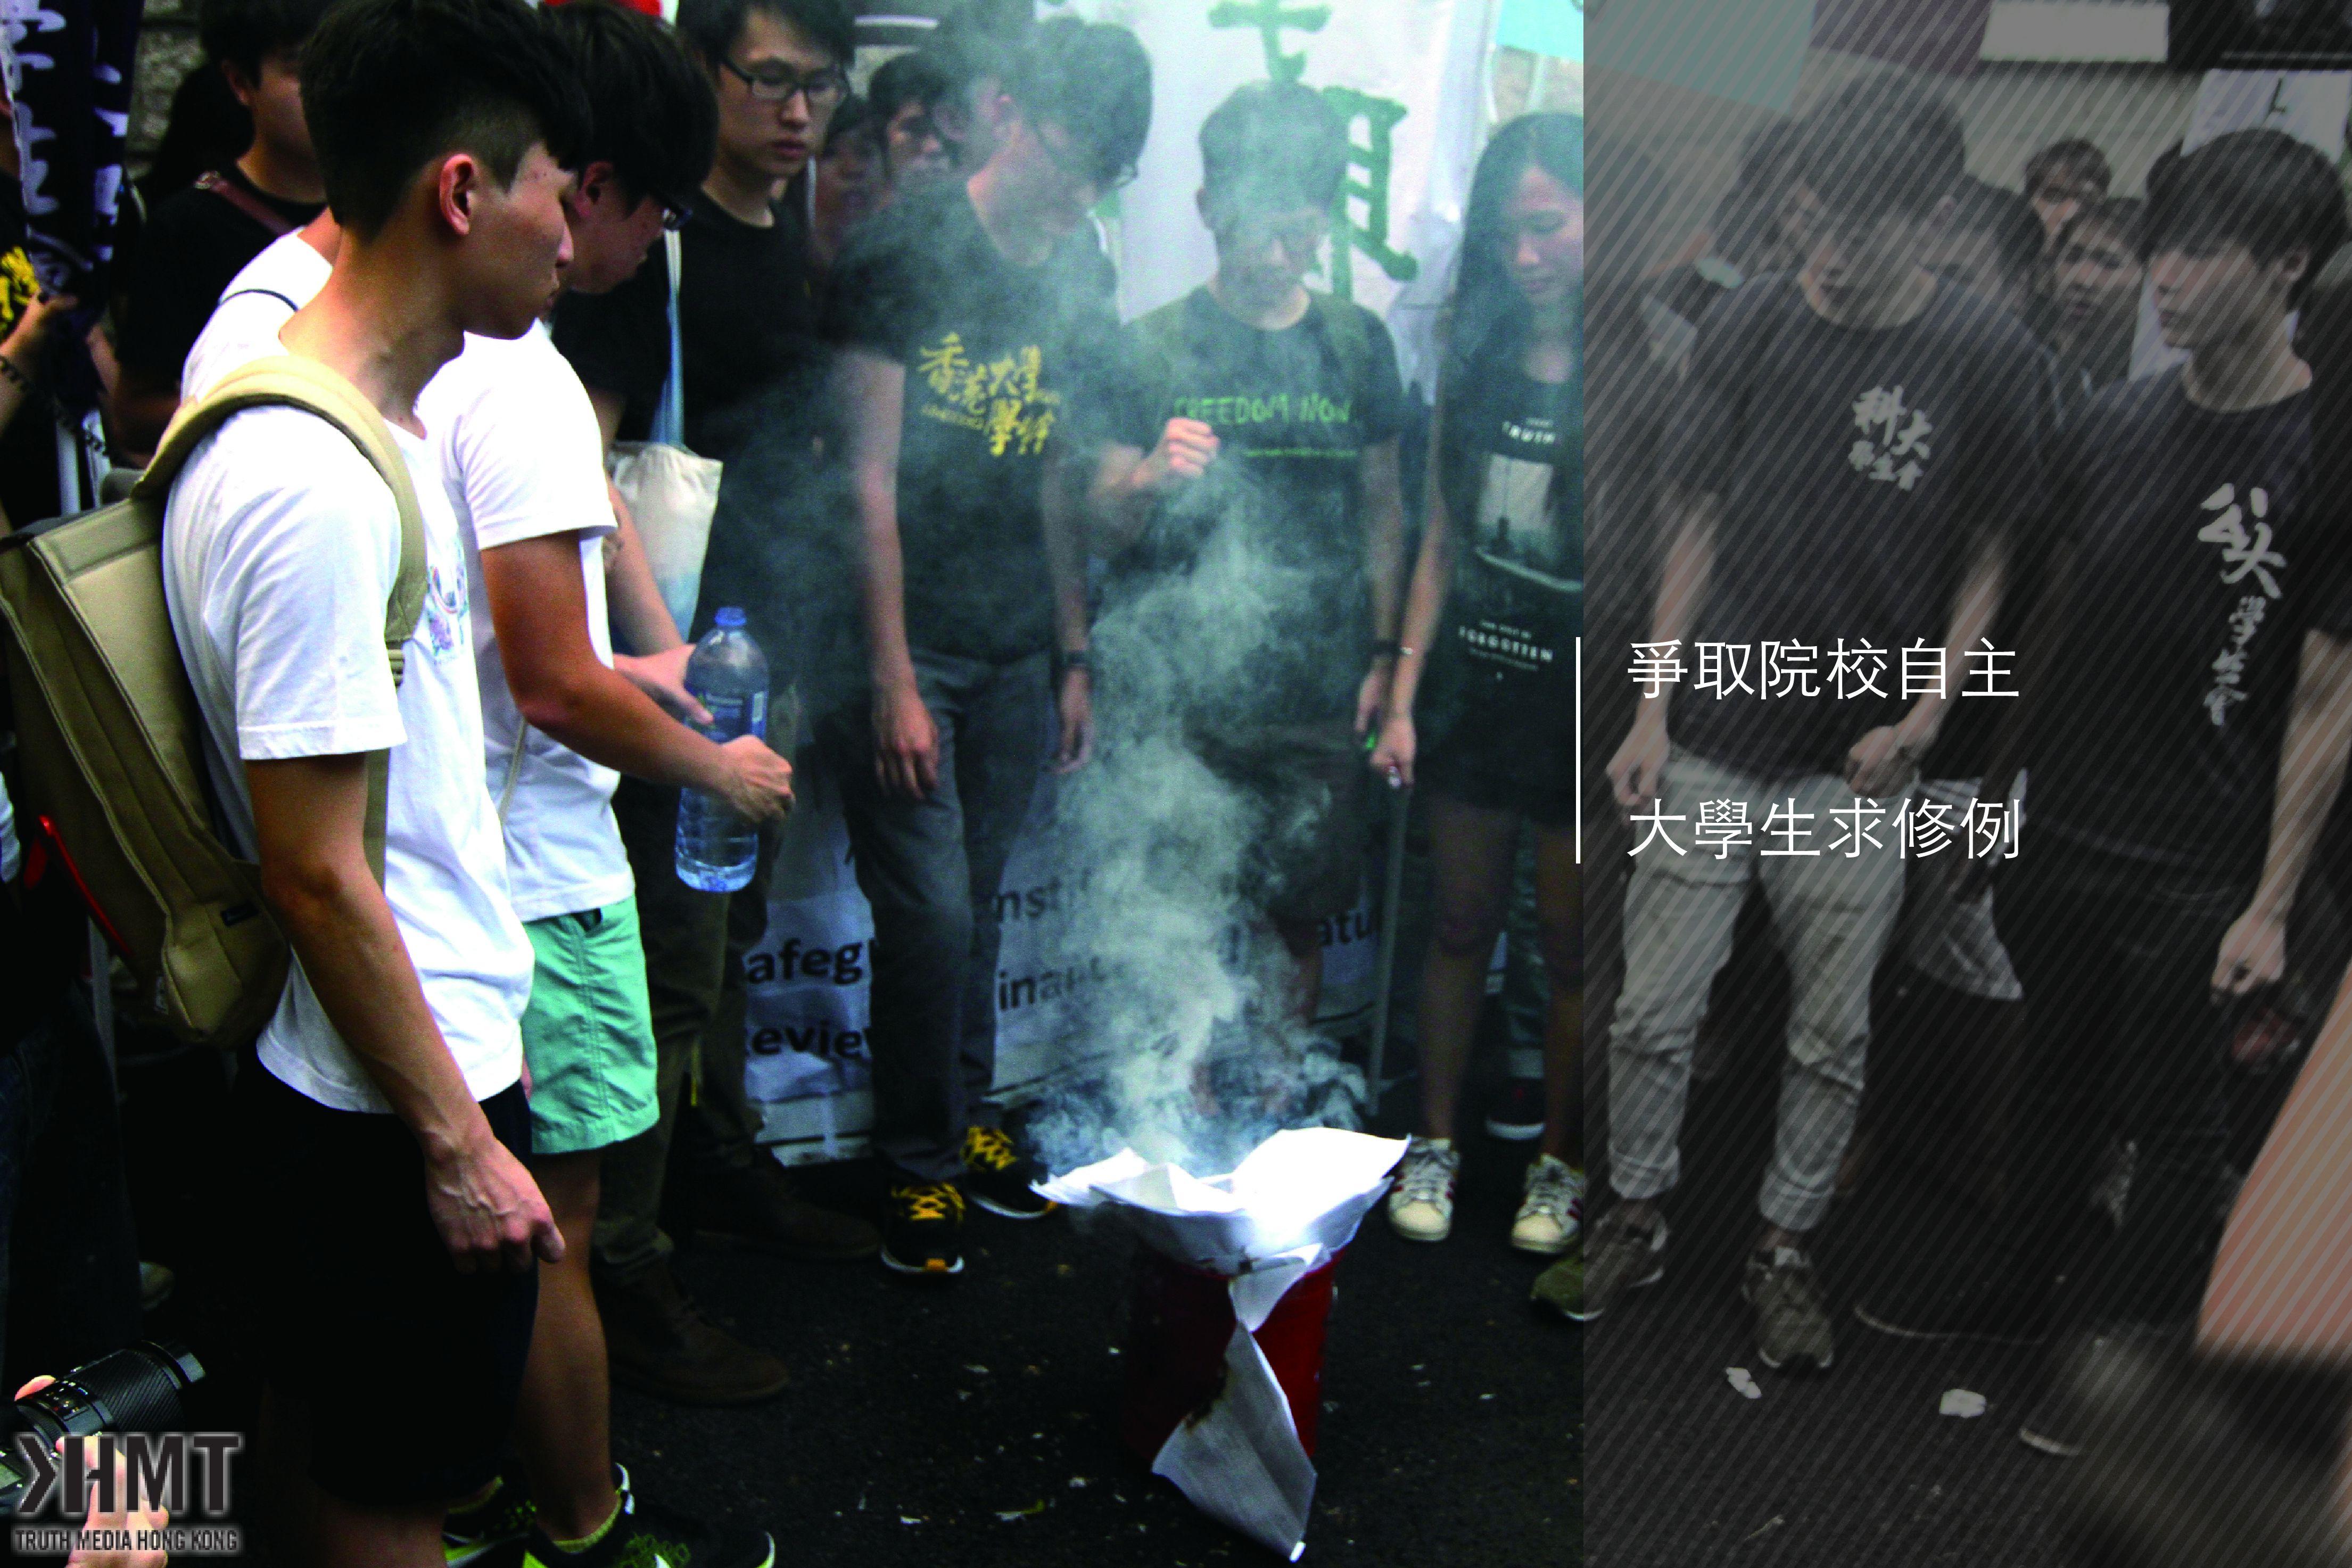 17JUL2015 HKFSU